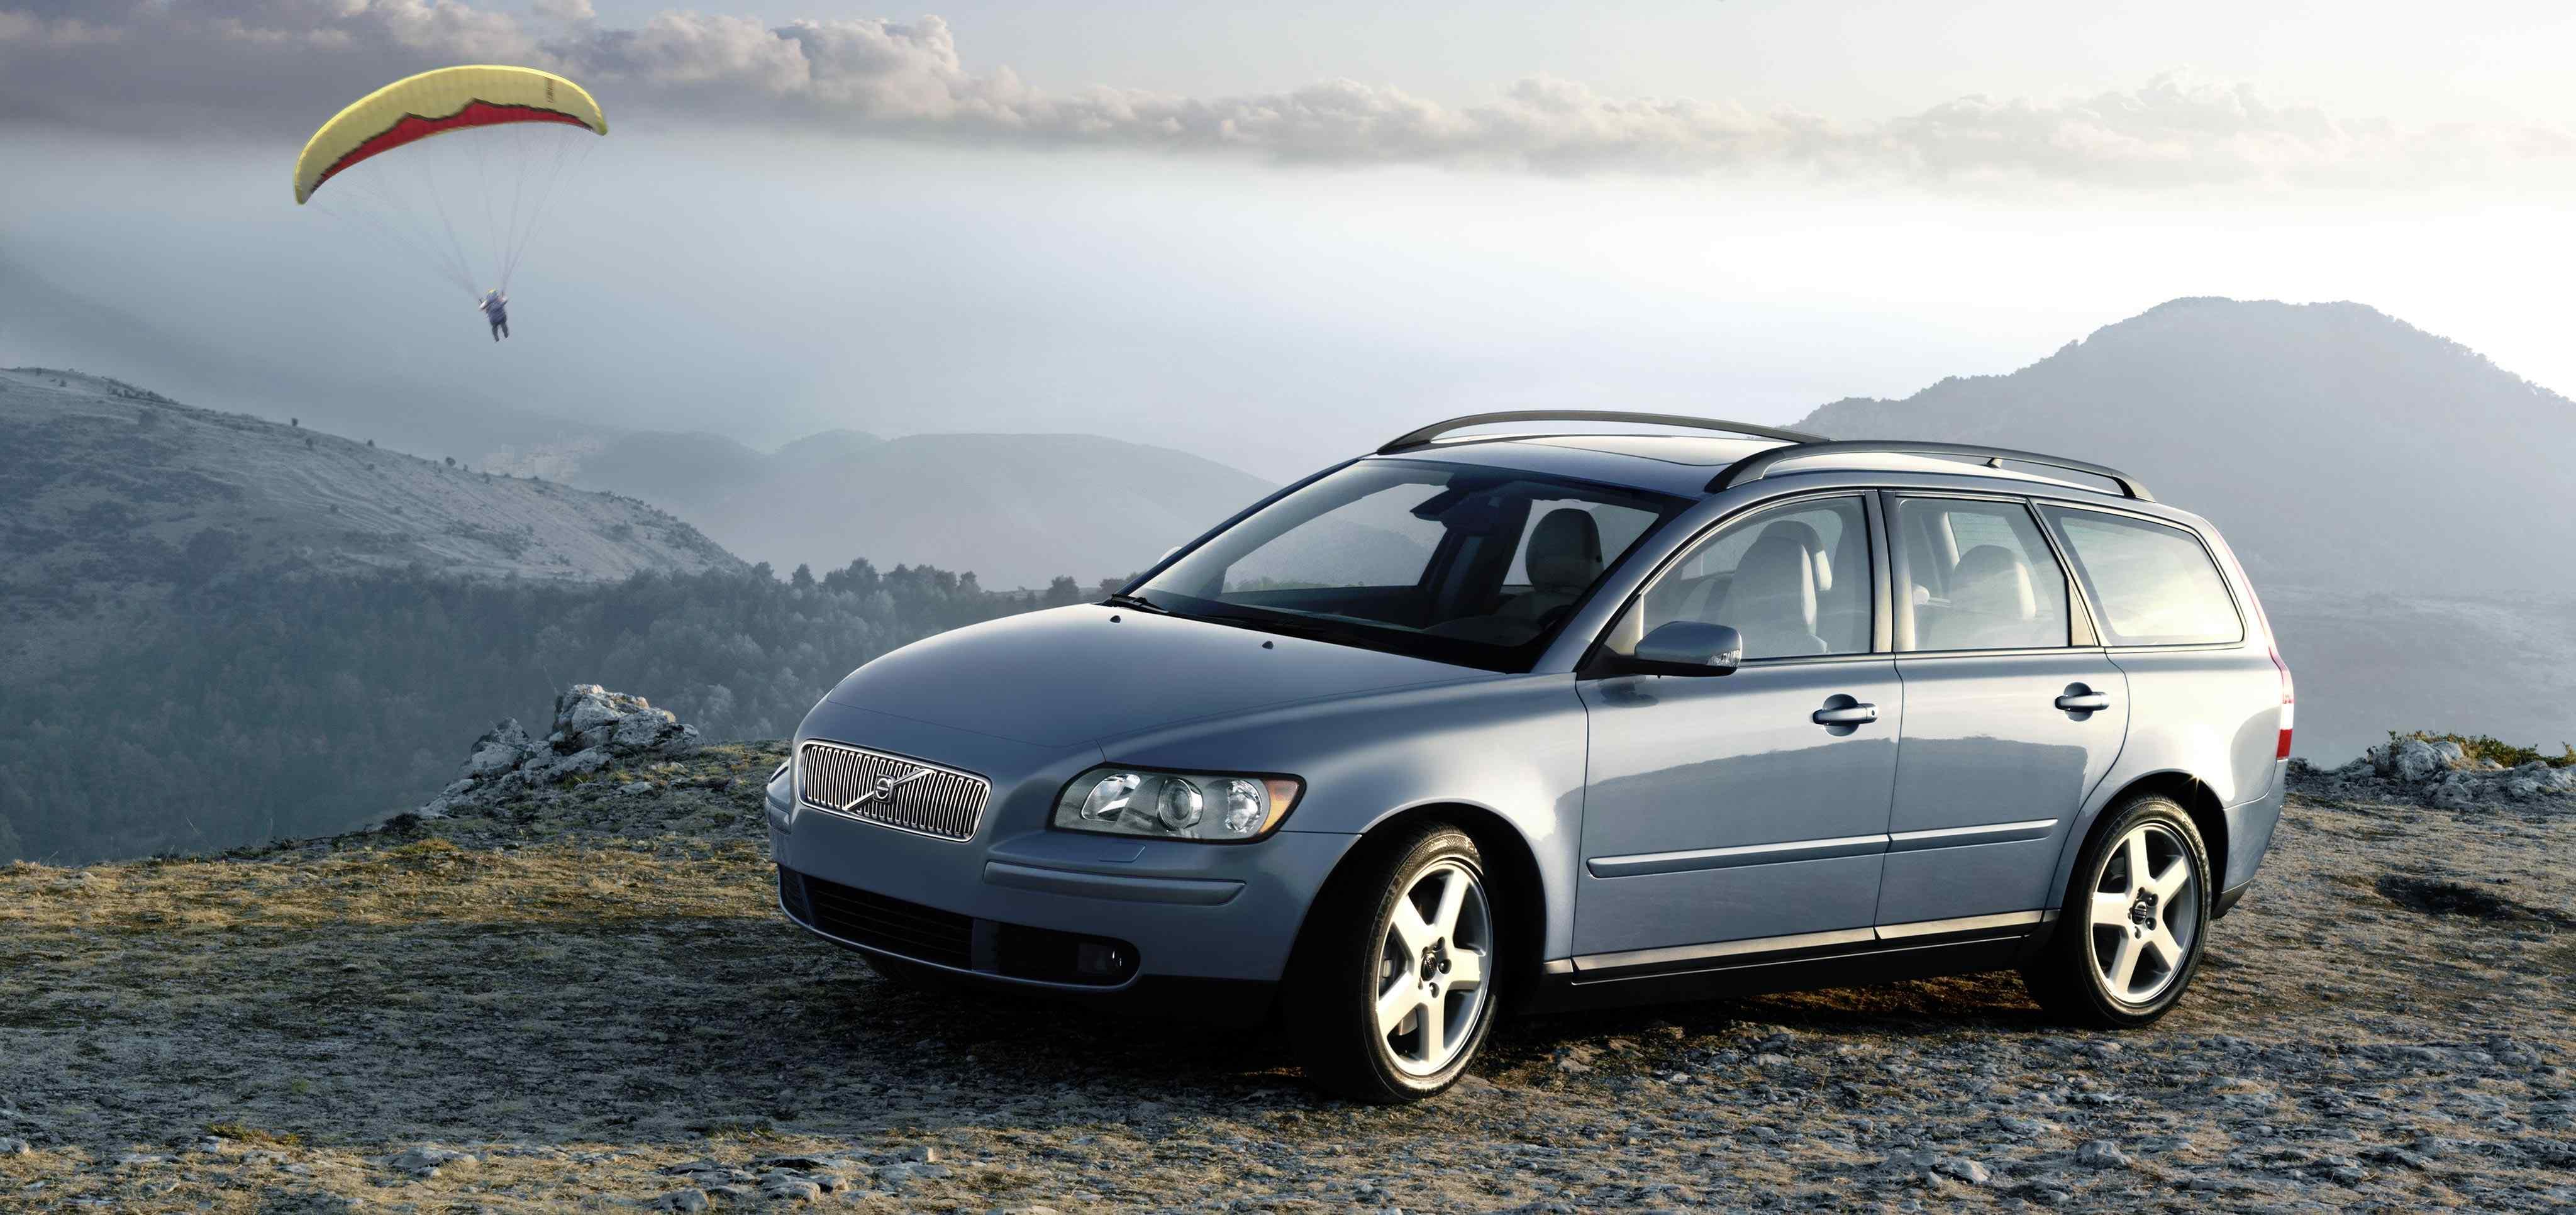 Un Volvo V50 de color azul claro aparcado junto a una carretera en la cima de una colina con montañas en segundo plano